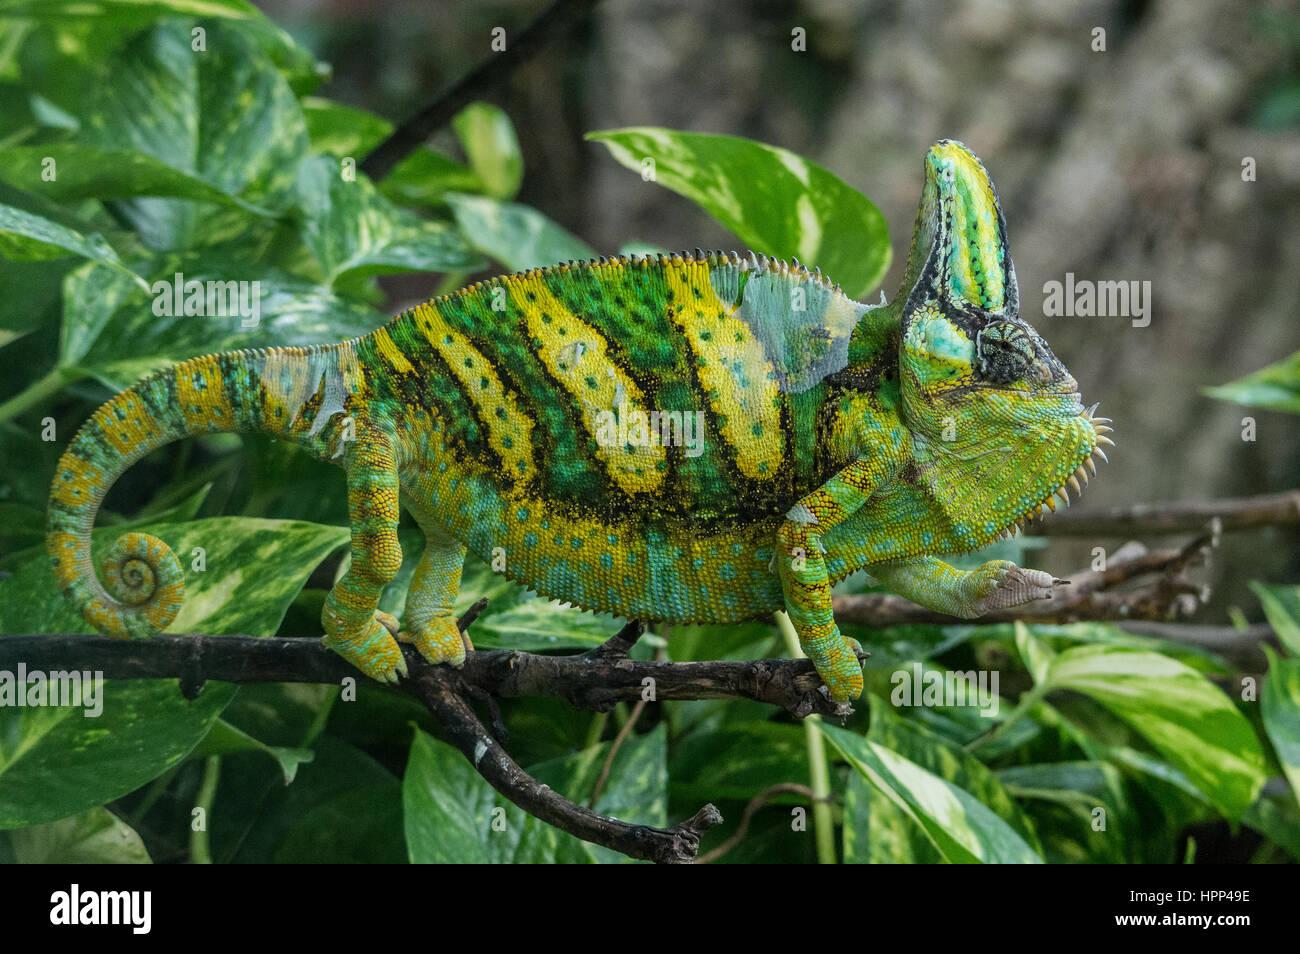 Big Chameleon ergibt sich aus den grünen Blättern des Baumes Bild horizontal Camaleonte Stockbild